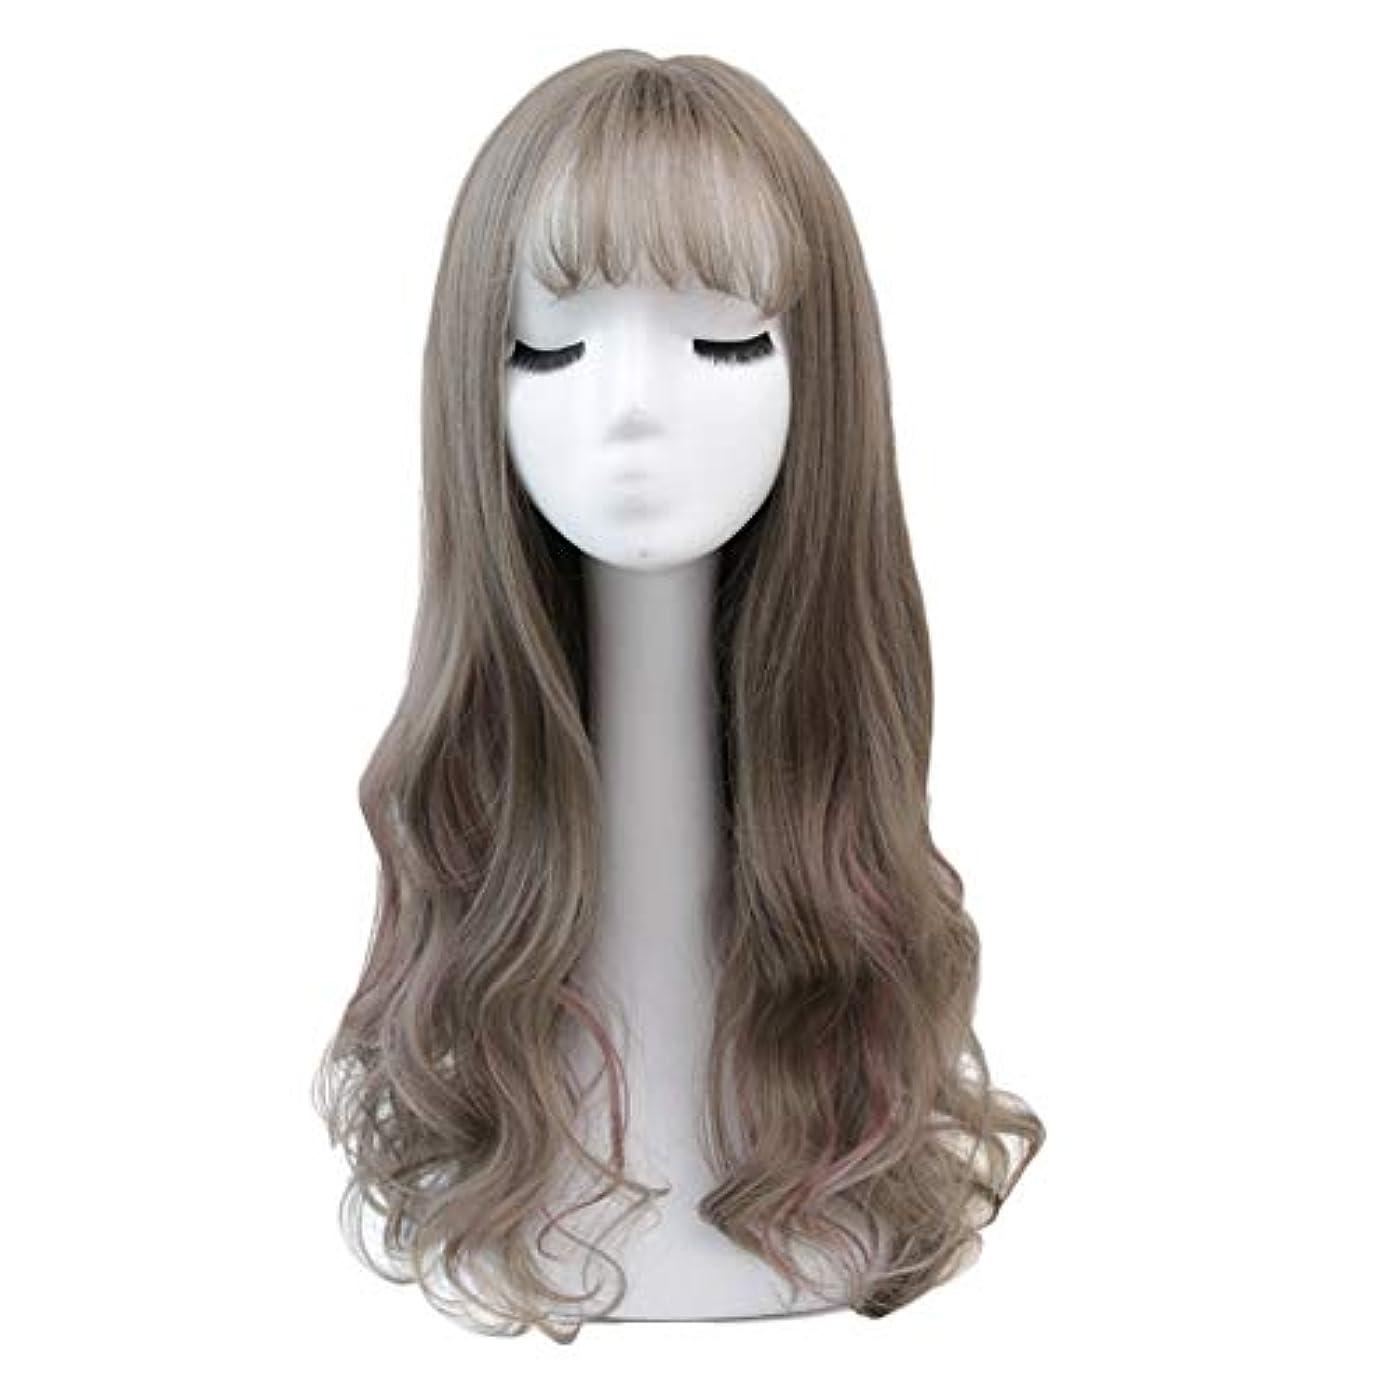 月曜マキシム謝罪するかつら女性の大きな波巻き毛のハイライト空気前髪長い巻き毛ふわふわ自然人格ファッション長い髪のかつら